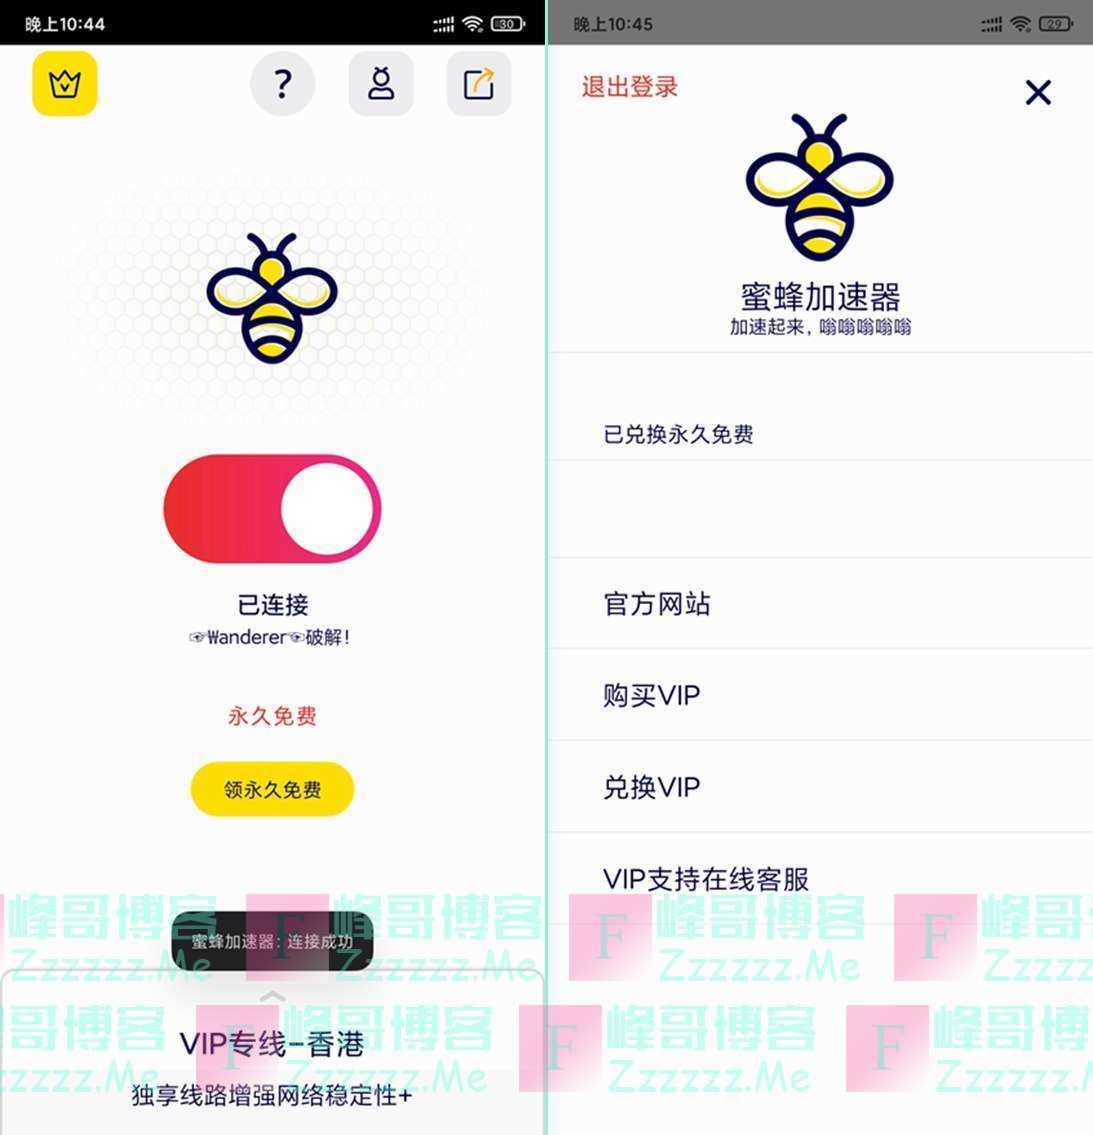 安卓蜜蜂加速器V1.0.2 蜜蜂加速器破解版下载 所有线路免费使用!